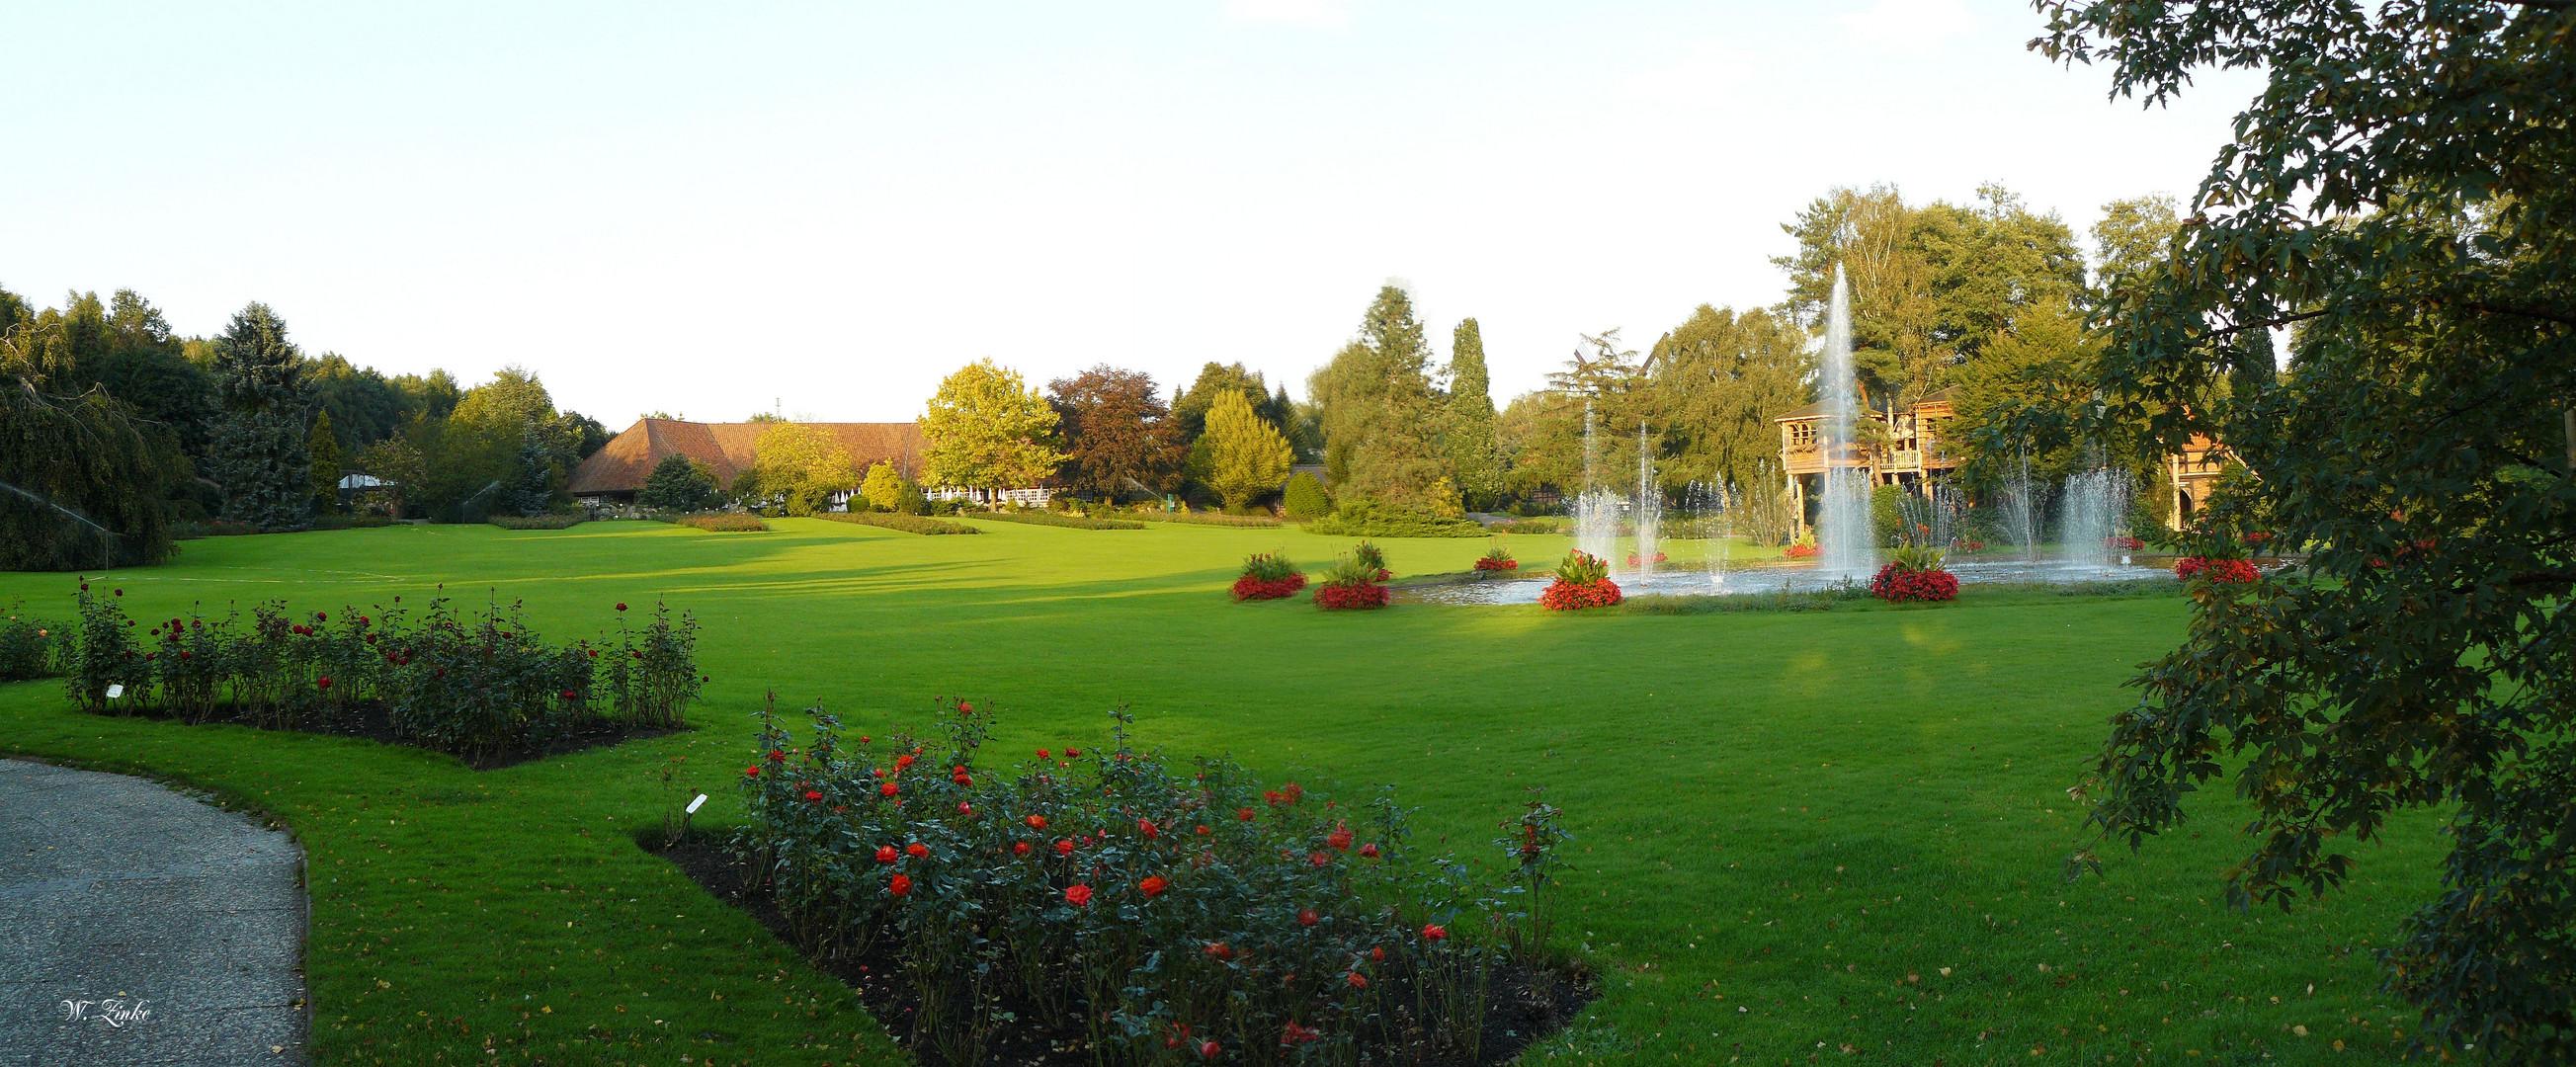 Weltvogelpark Walsrode mit Rosenrabatte, musikalische Wasserspiele, im Hintergrund die Vogelgehege